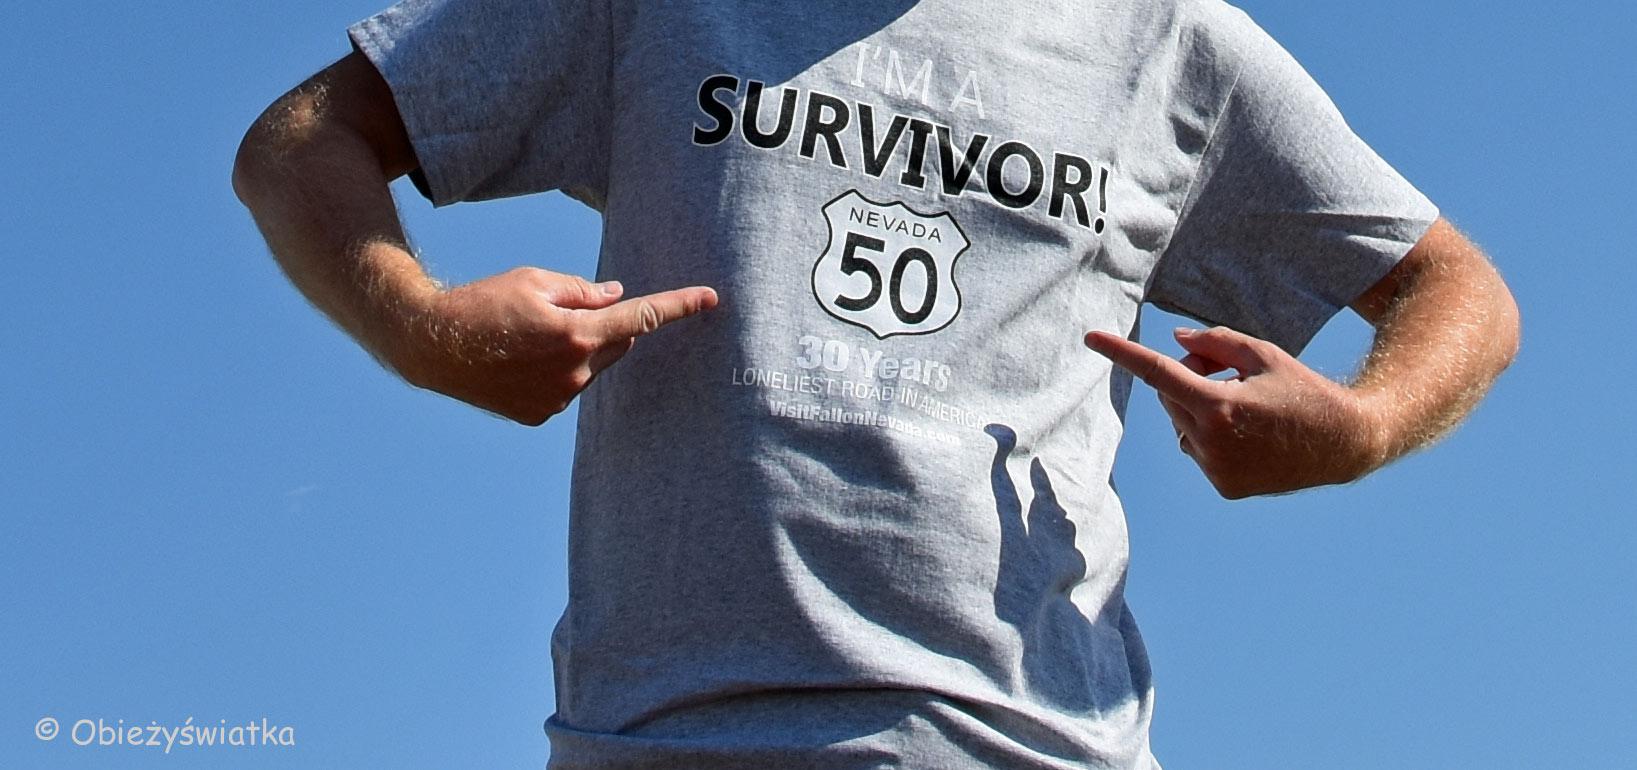 I survived Highway 50